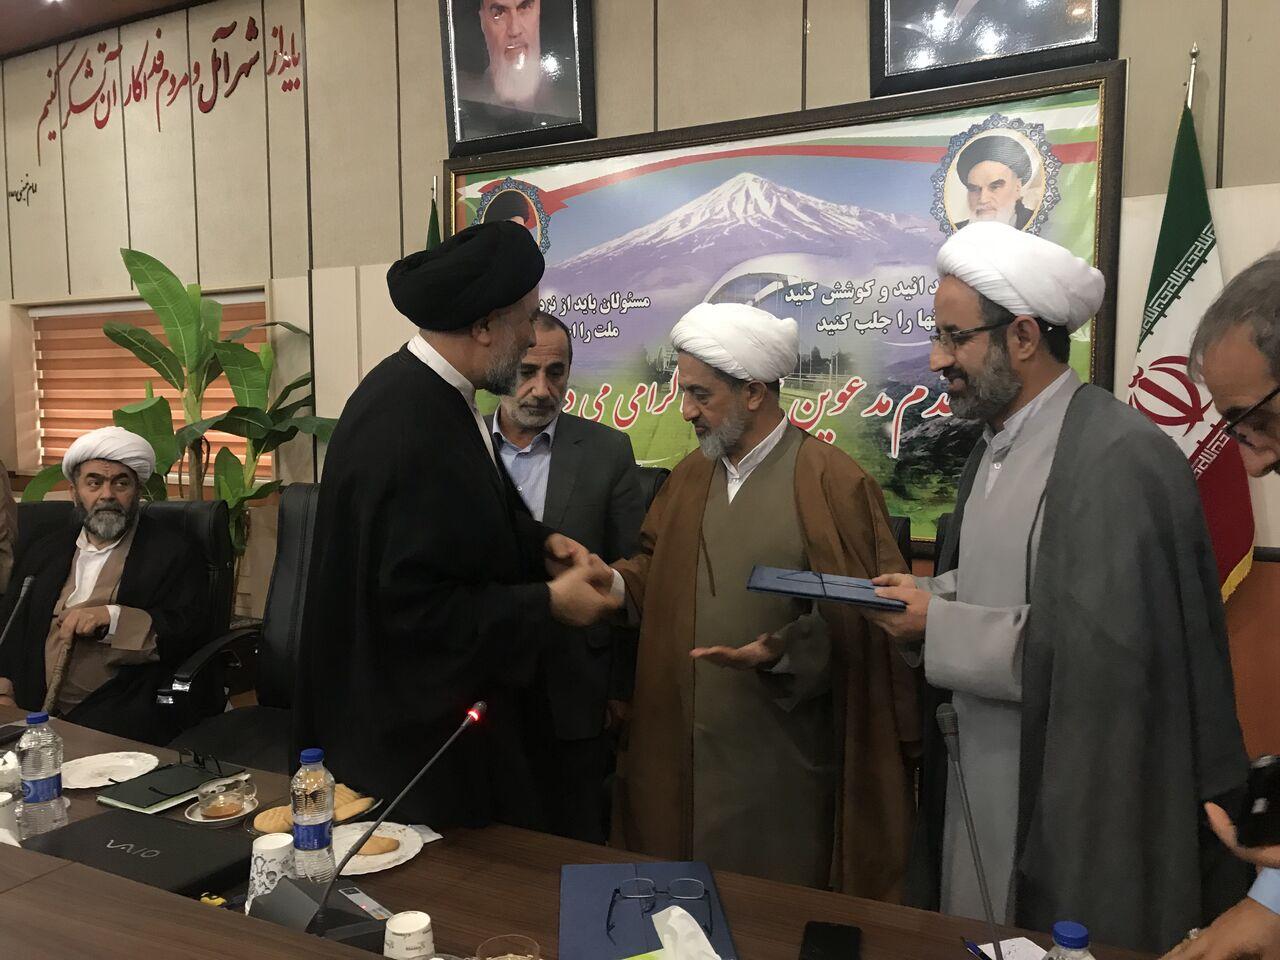 امام جمعه جدید شهر امامزاده عبدالله منصوب شد